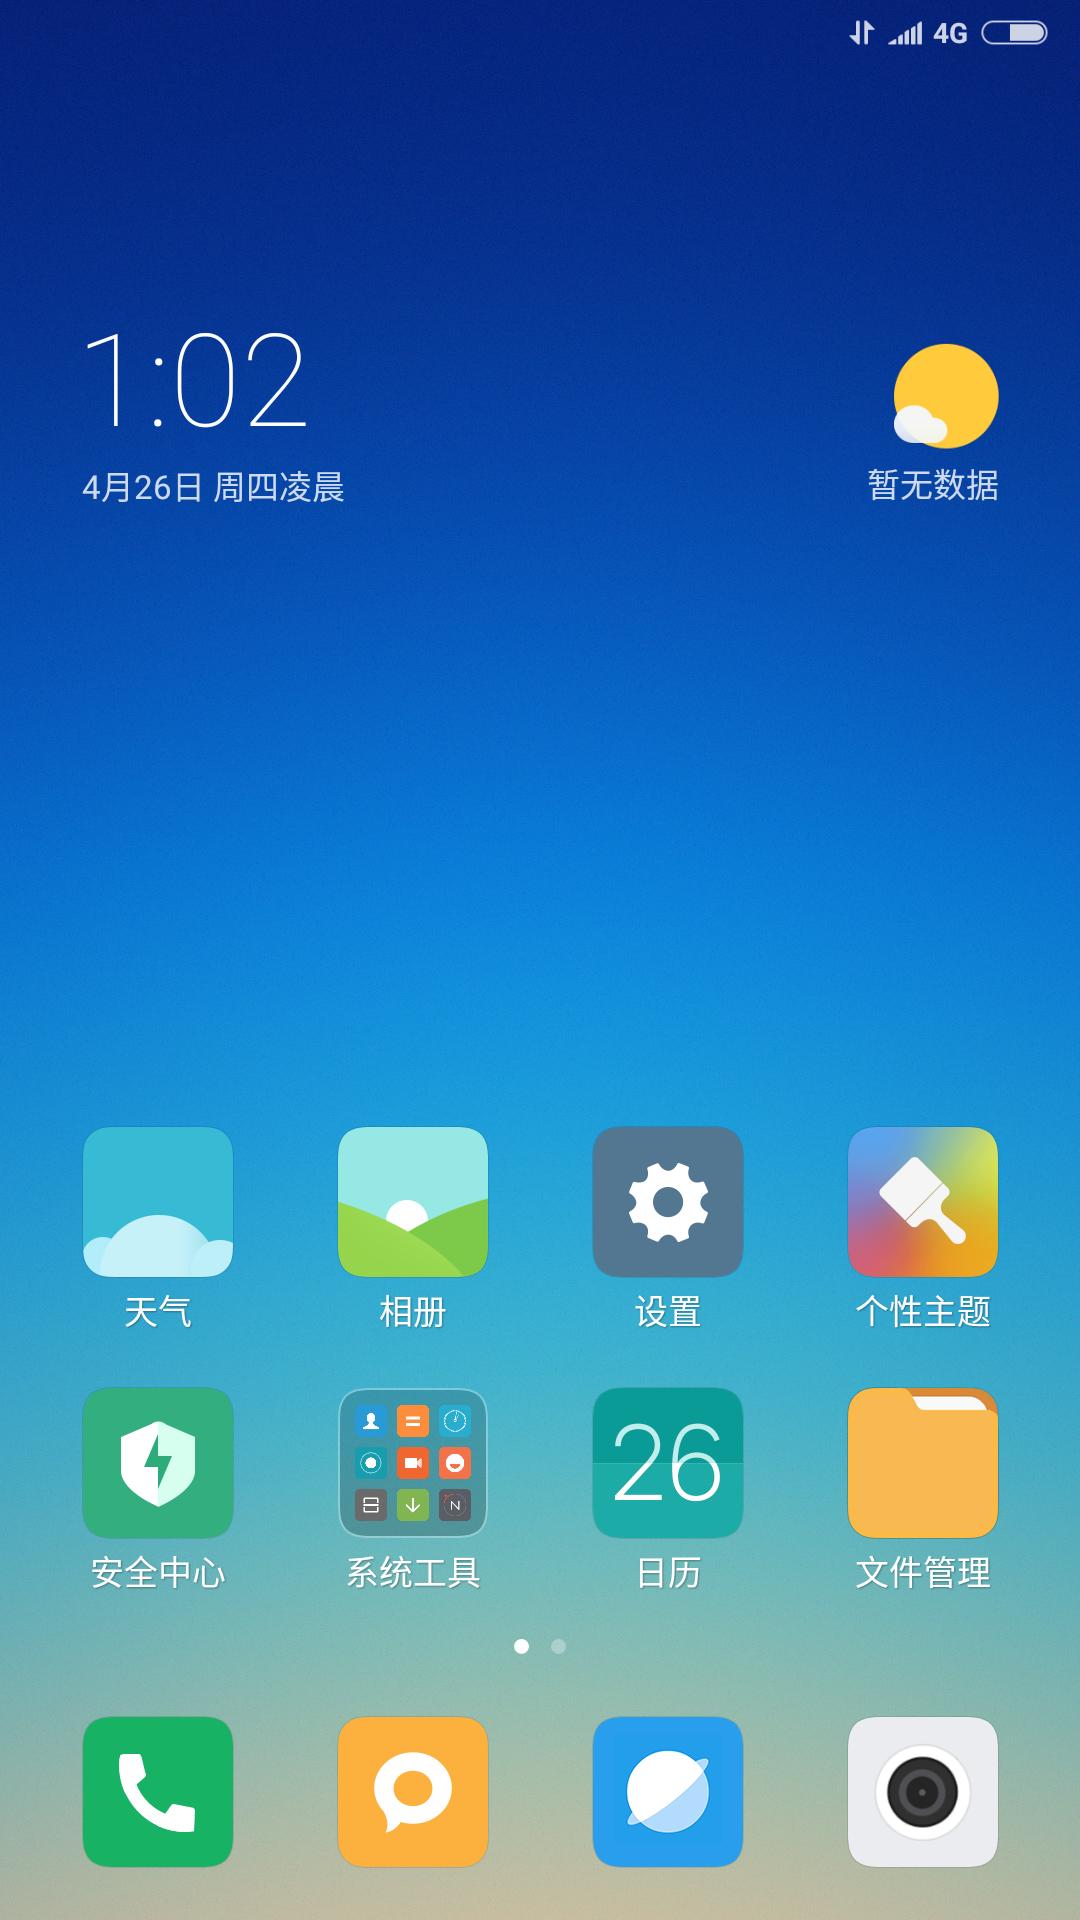 Screenshot_2018-04-26-01-02-22-355_com.miui.home.png